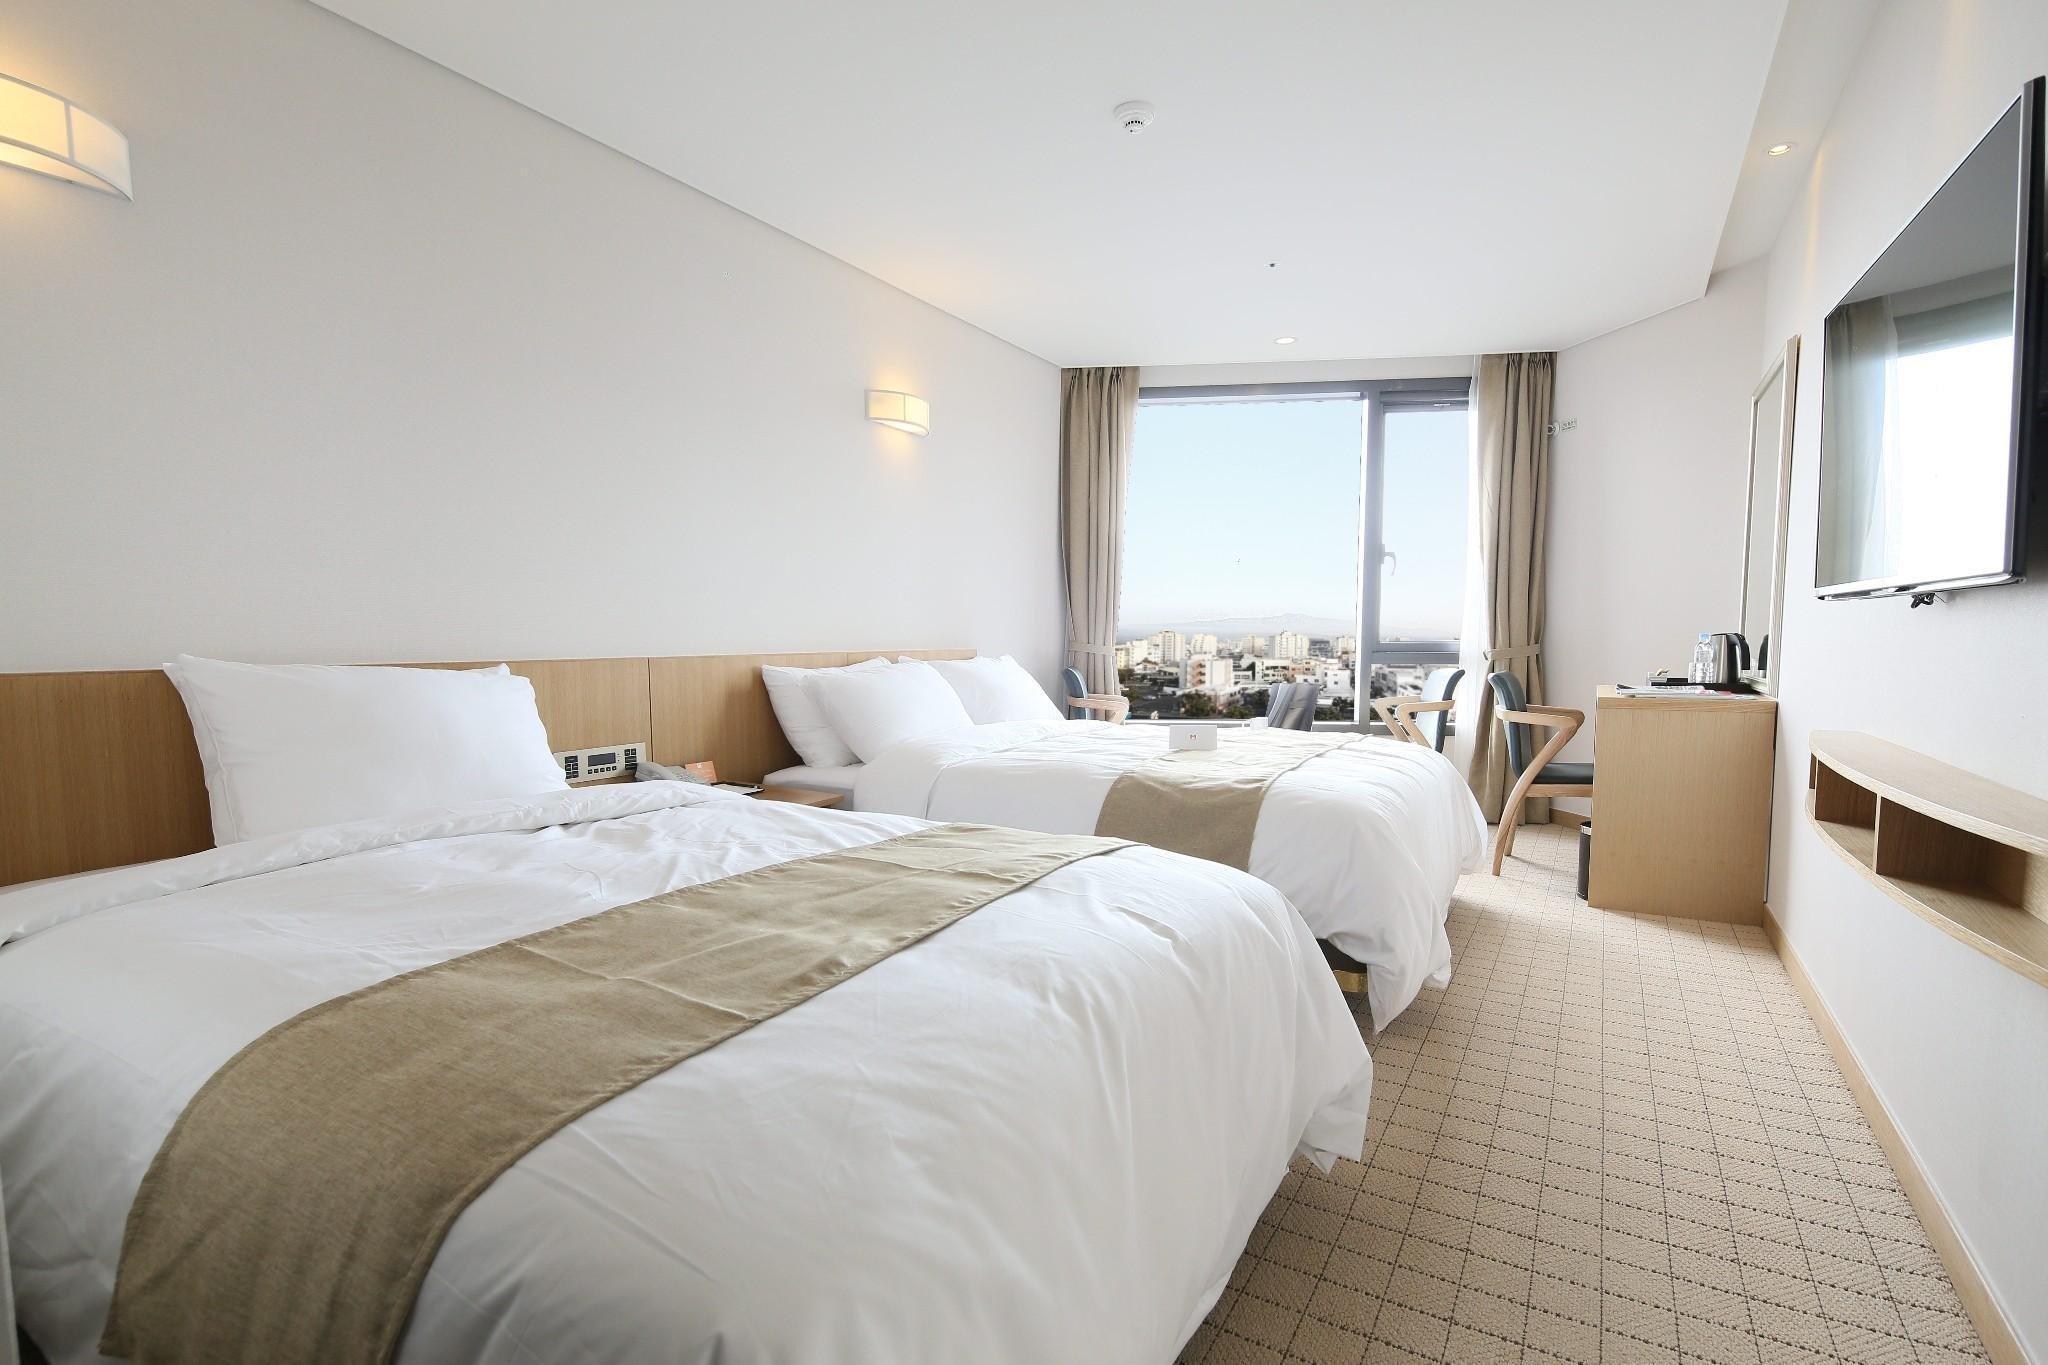 대한민국 호텔 - 25,945개 대한민국 호텔 놀라운 특가!